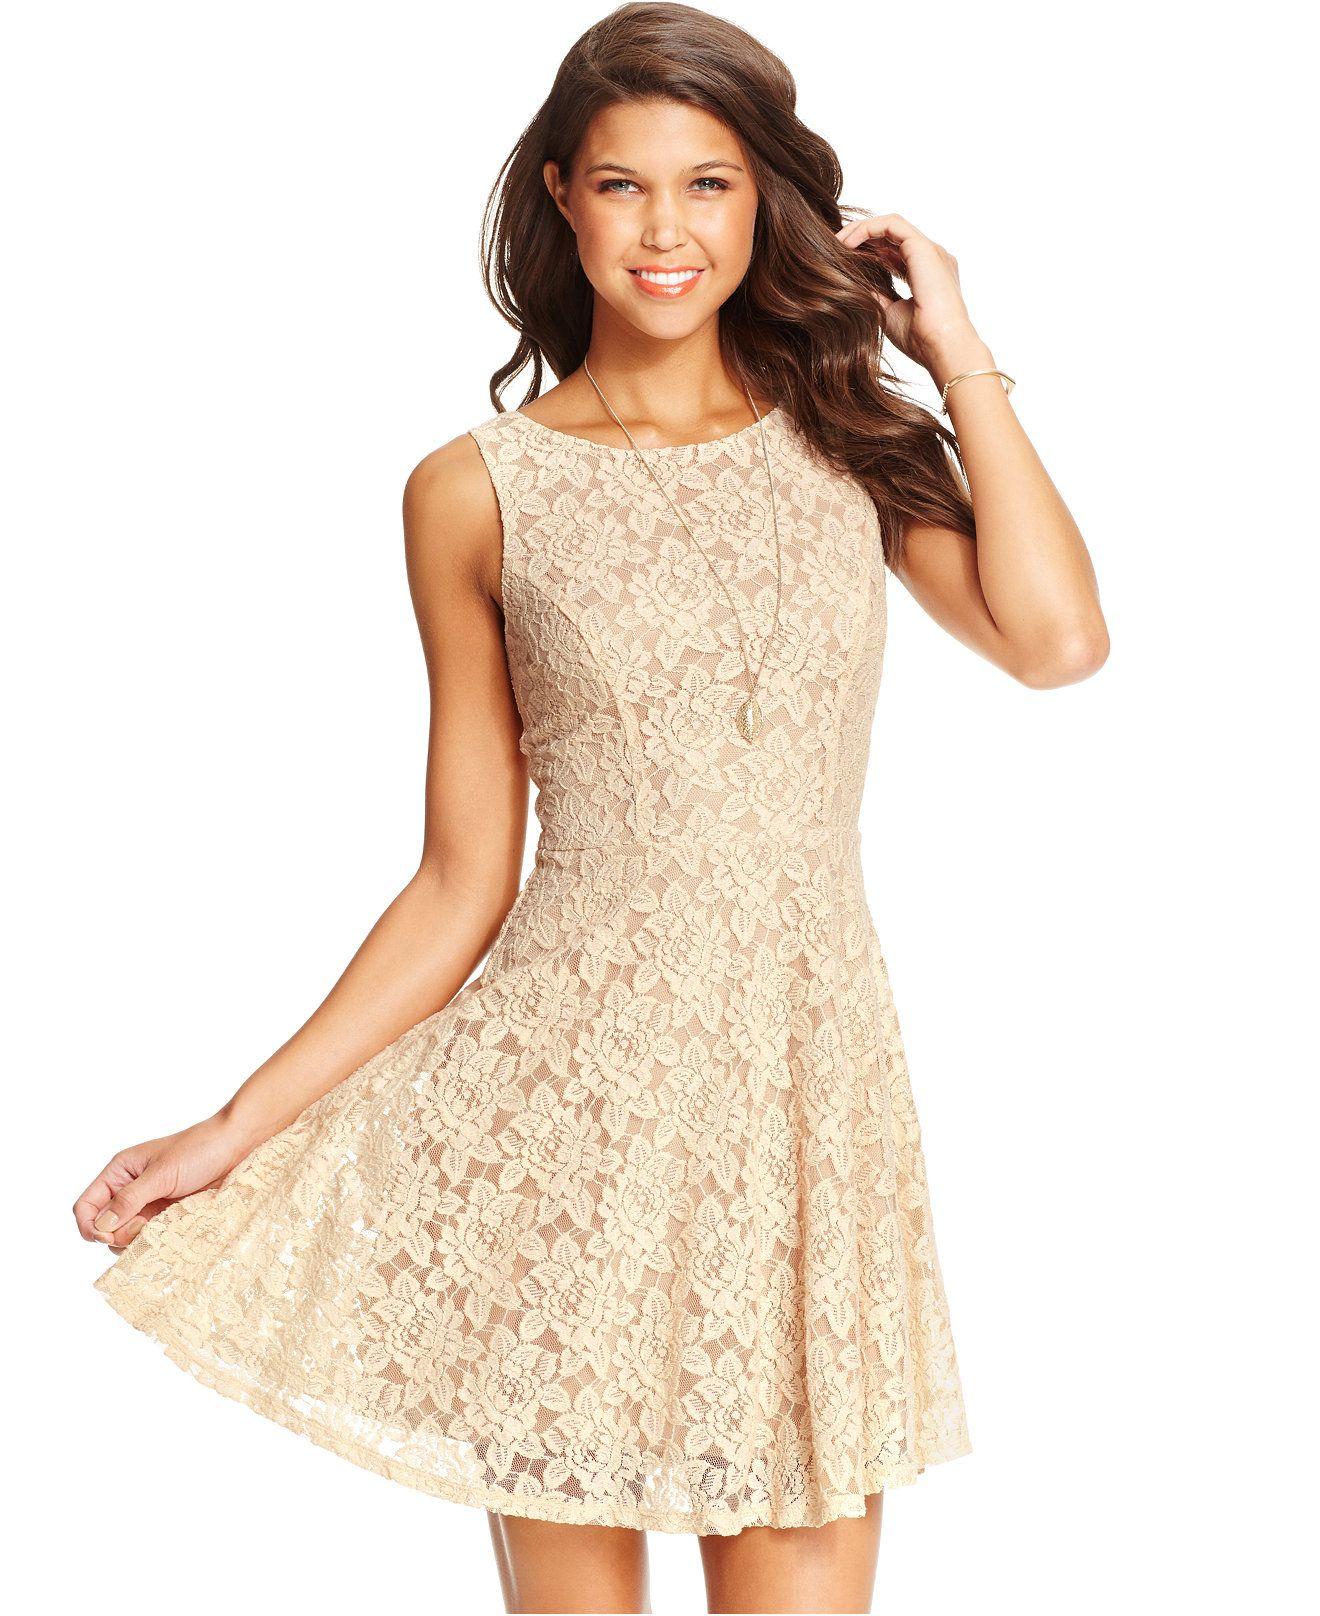 c11fefa727 Speechless Juniors  Lace Exposed Zipper Dress - Juniors Dresses - Macy s